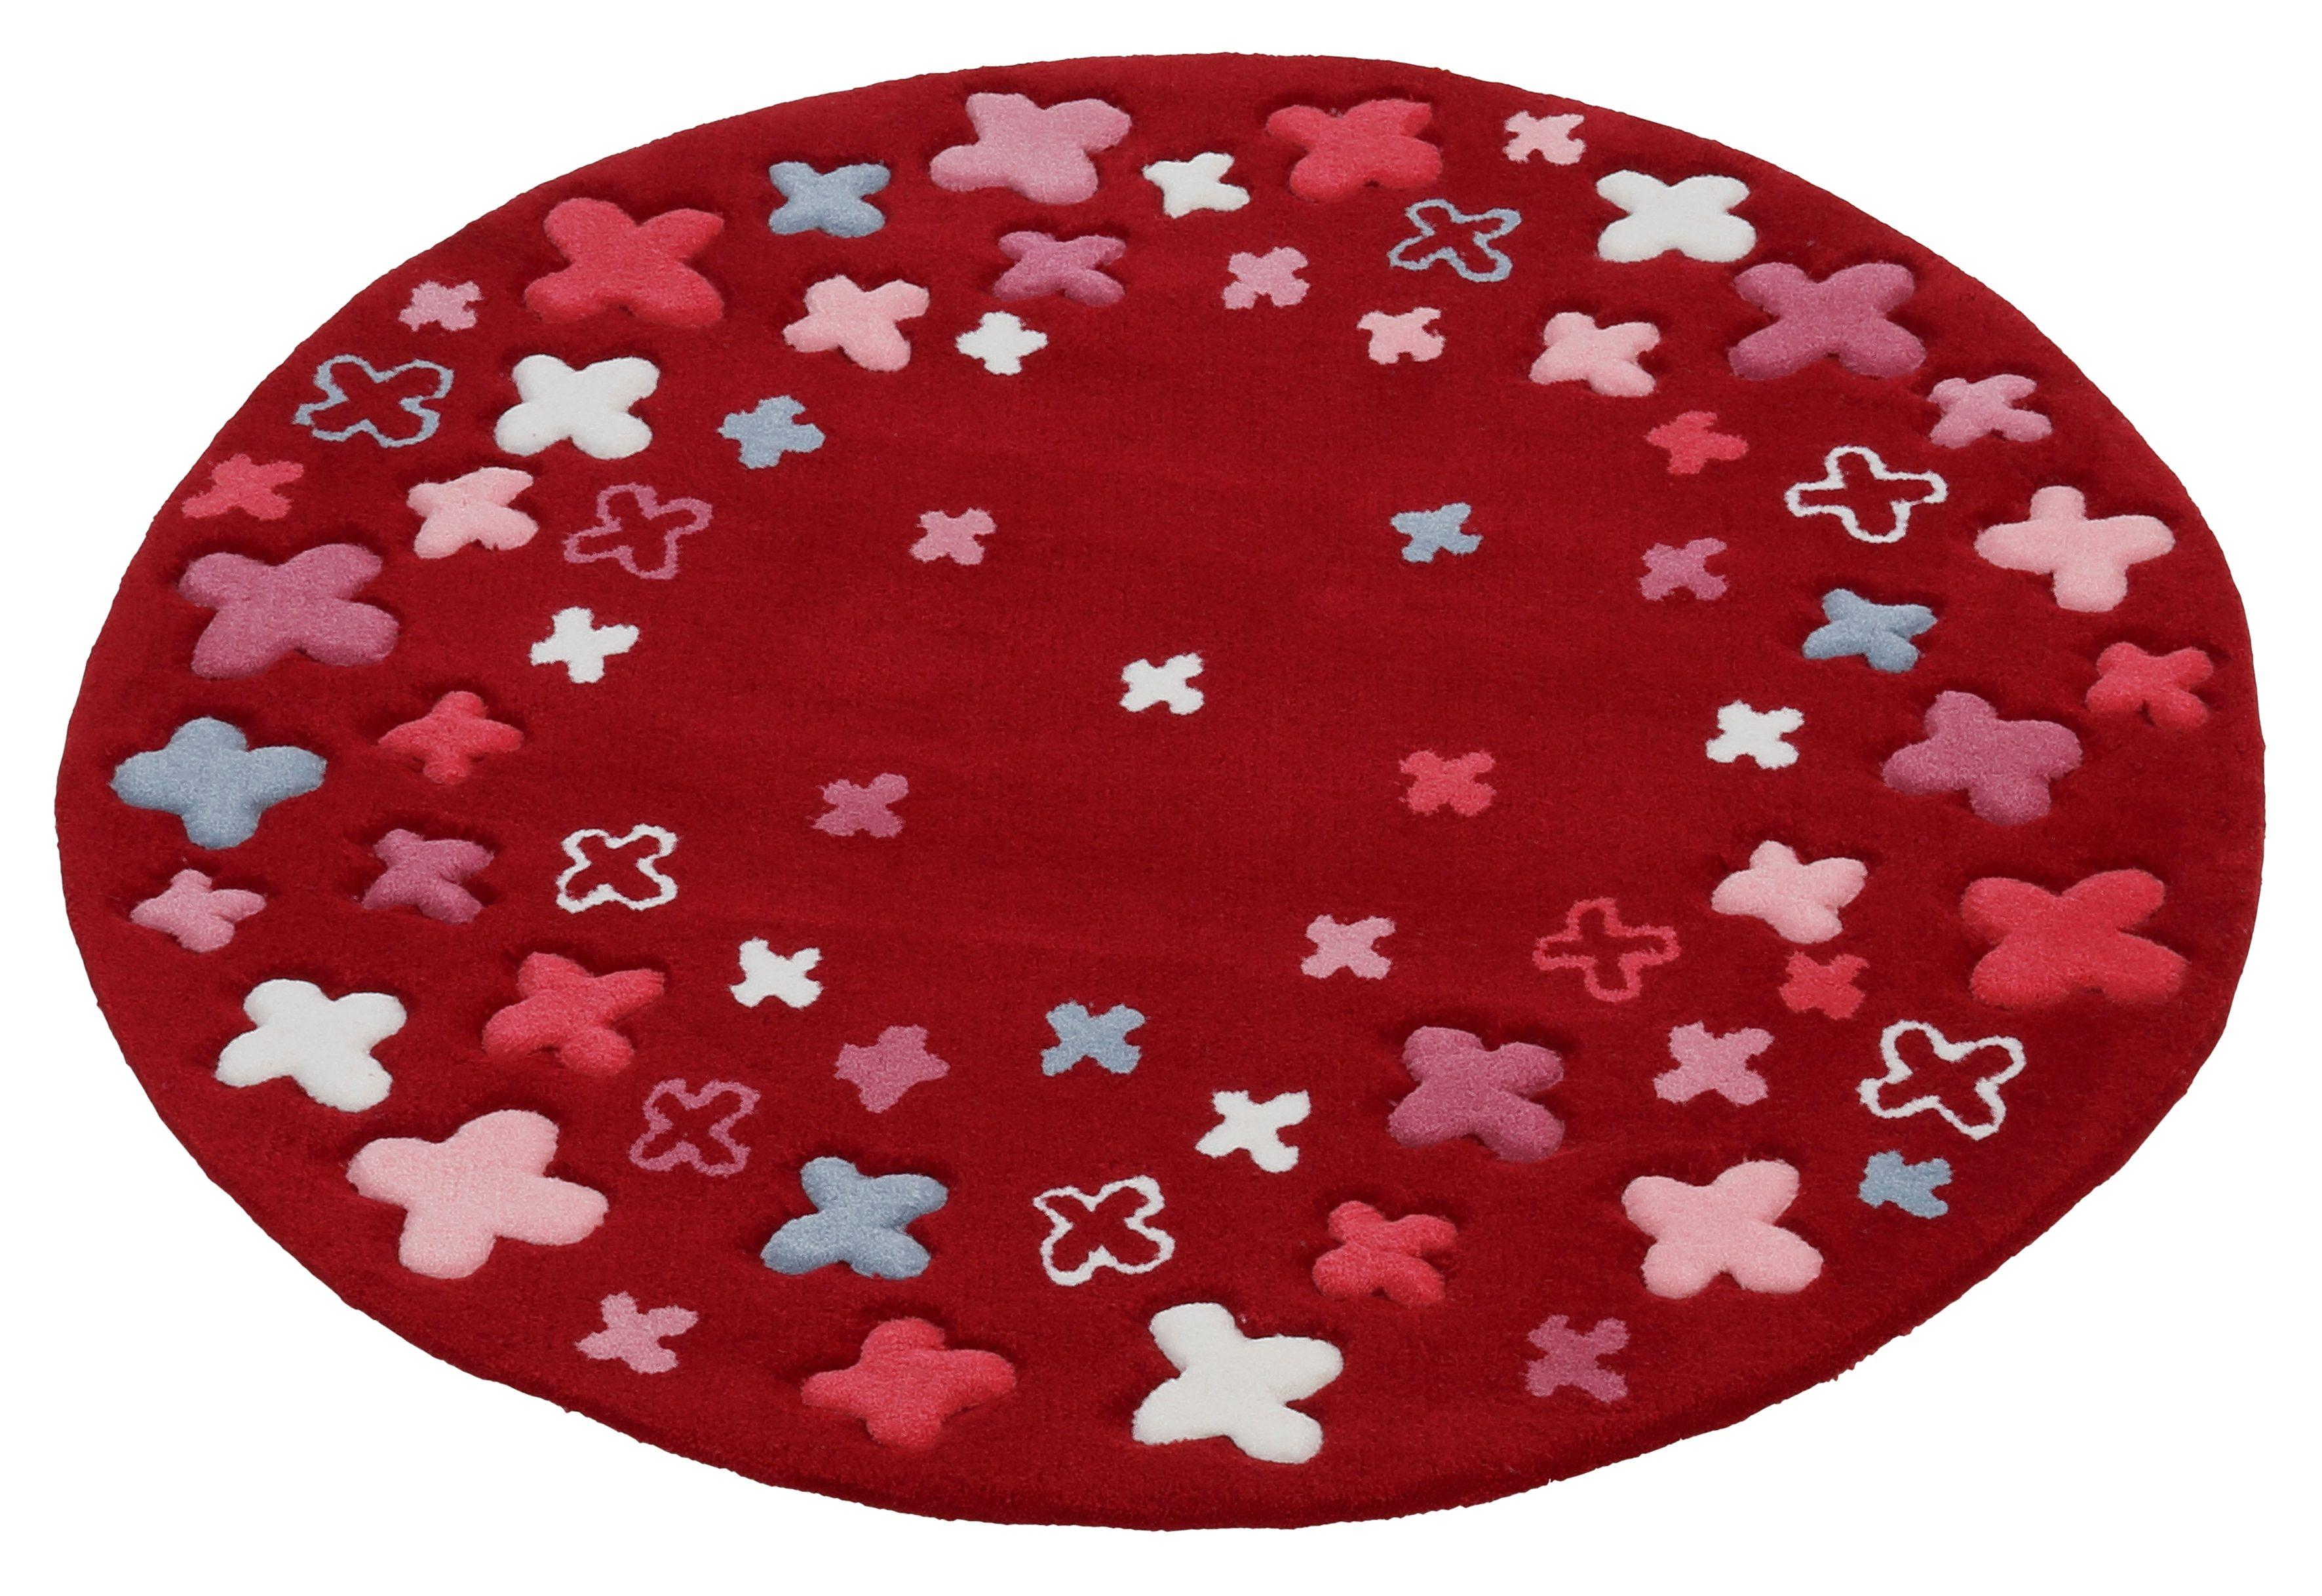 Kinderteppich Bloom Field Esprit rund Höhe 10 mm handgetuftet Preisvergleich